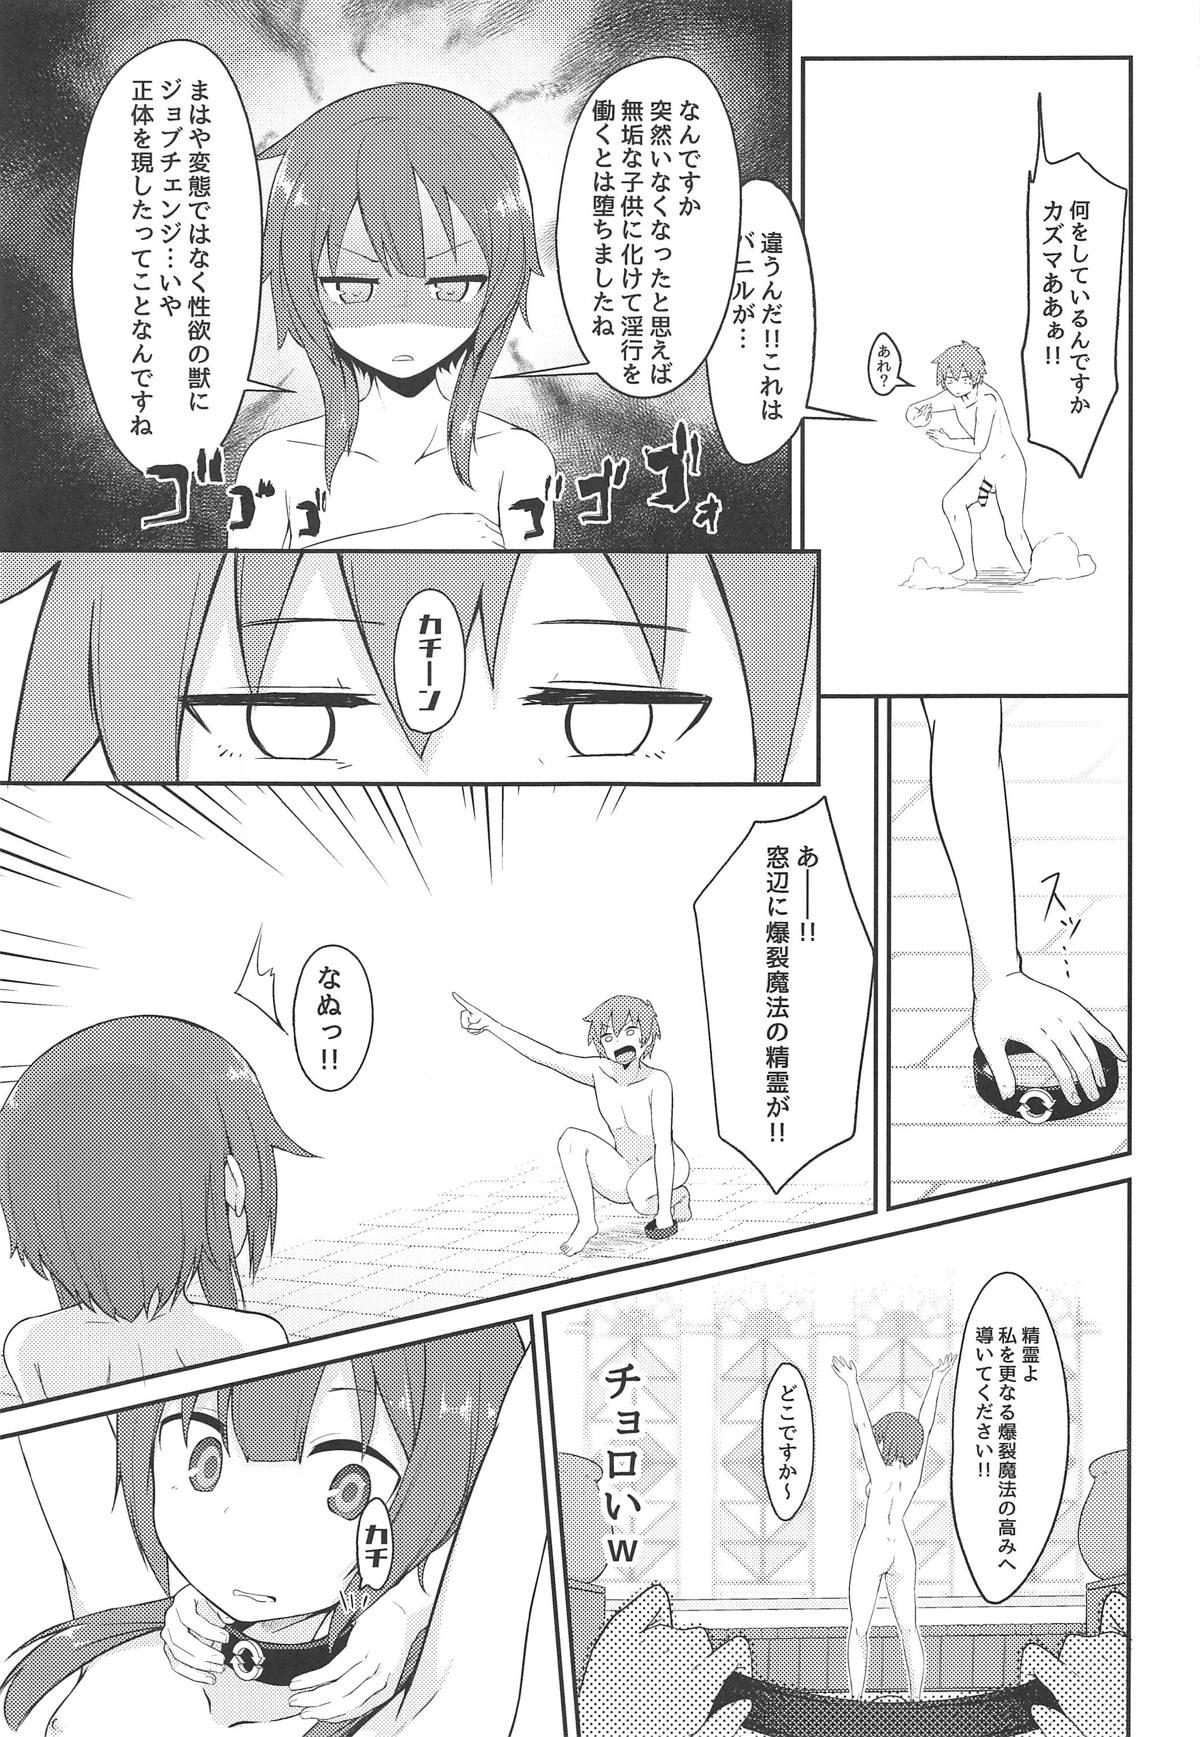 Lolikko Megumin o Kouryaku Seyo! 13